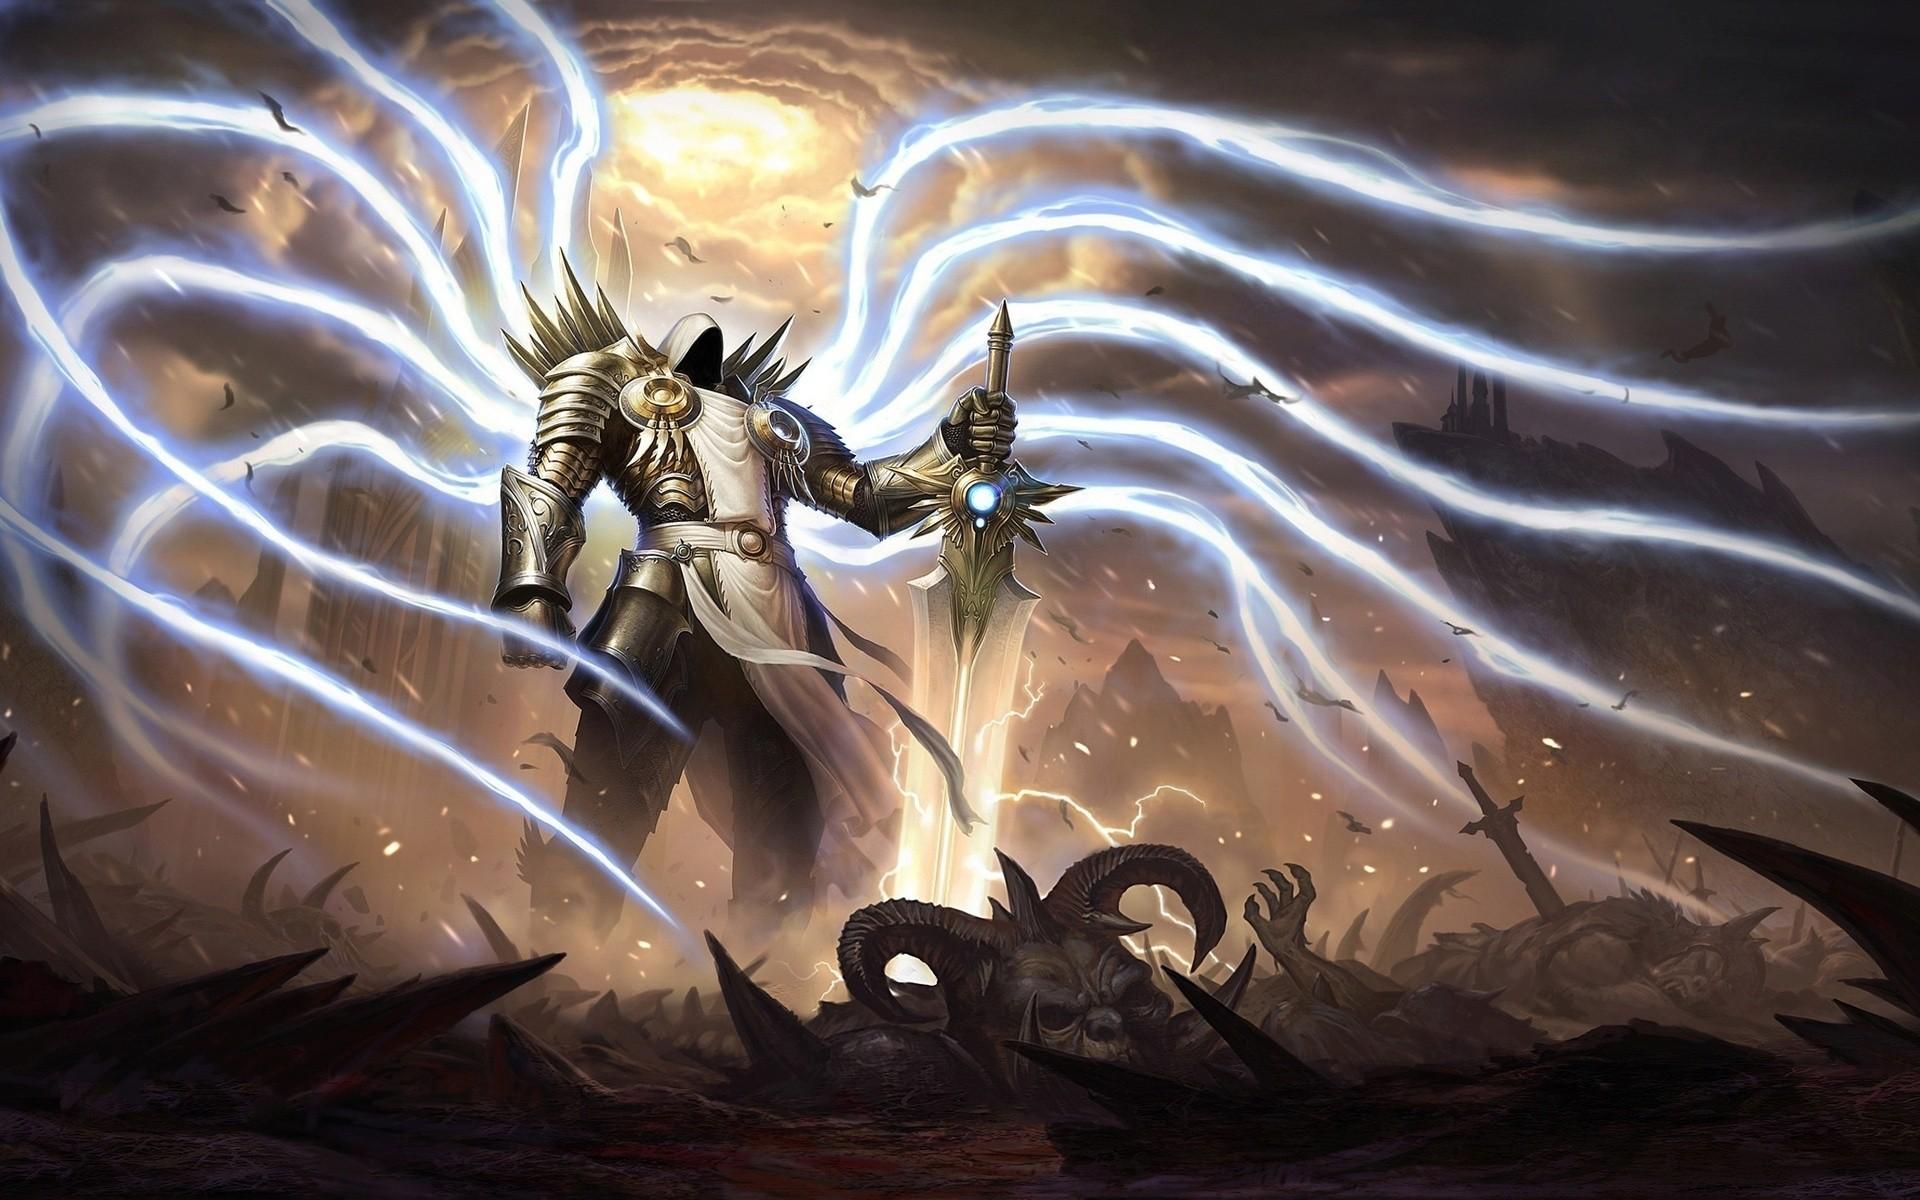 Diablo 3 Reaper Of Souls Game Free Wallpapers